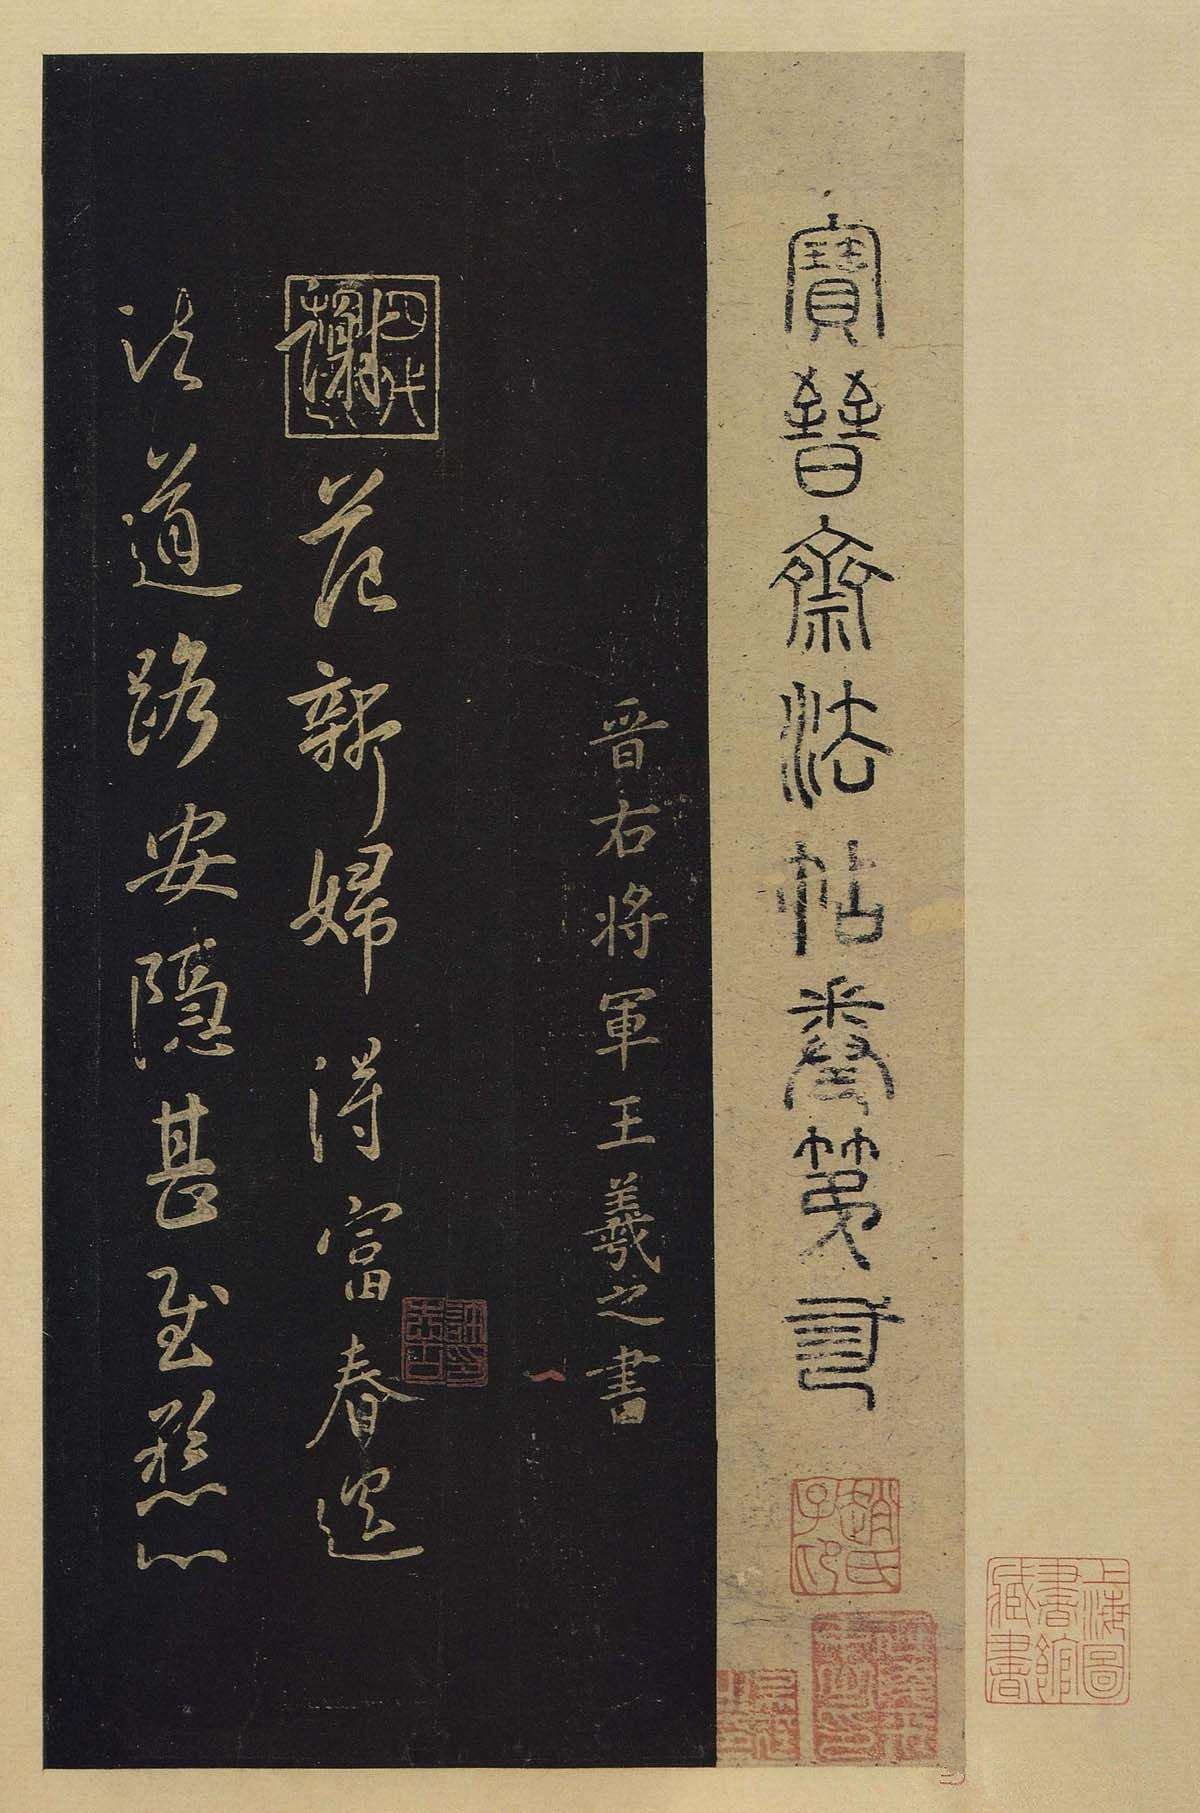 xiefanxinfu1